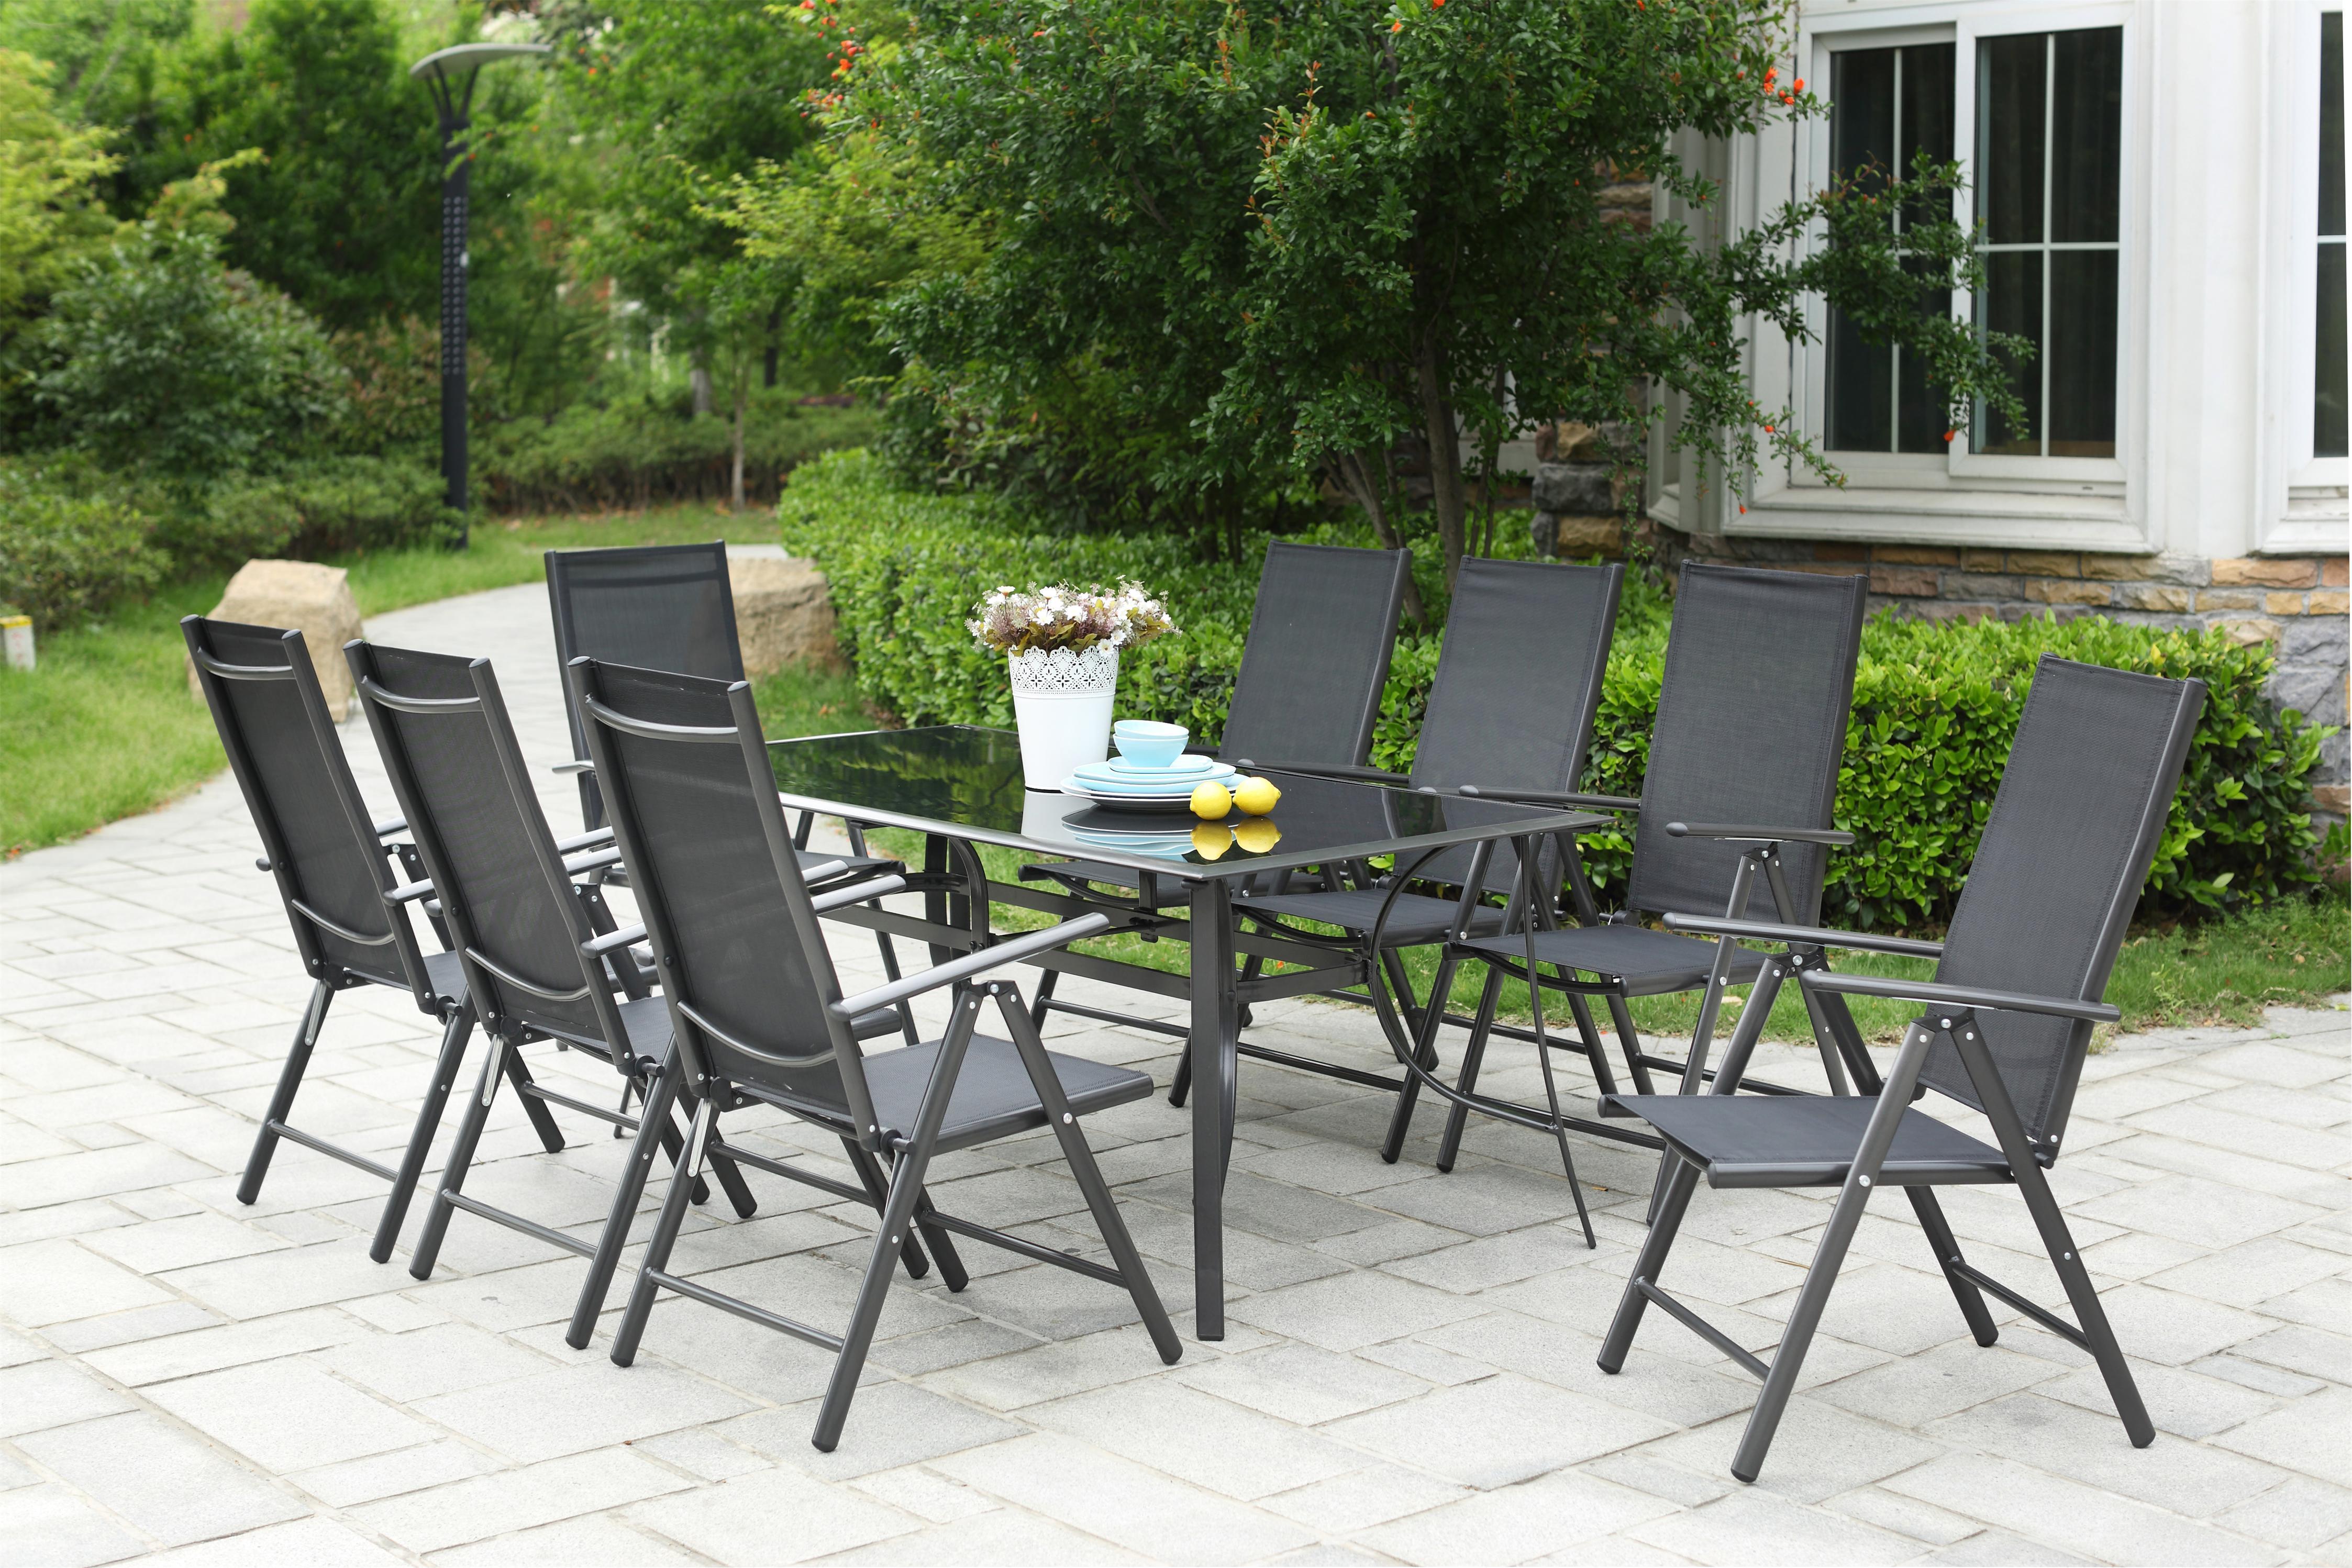 Grand salon de jardin aluminium Rimini 8 chaises pliables top confort en  textilène